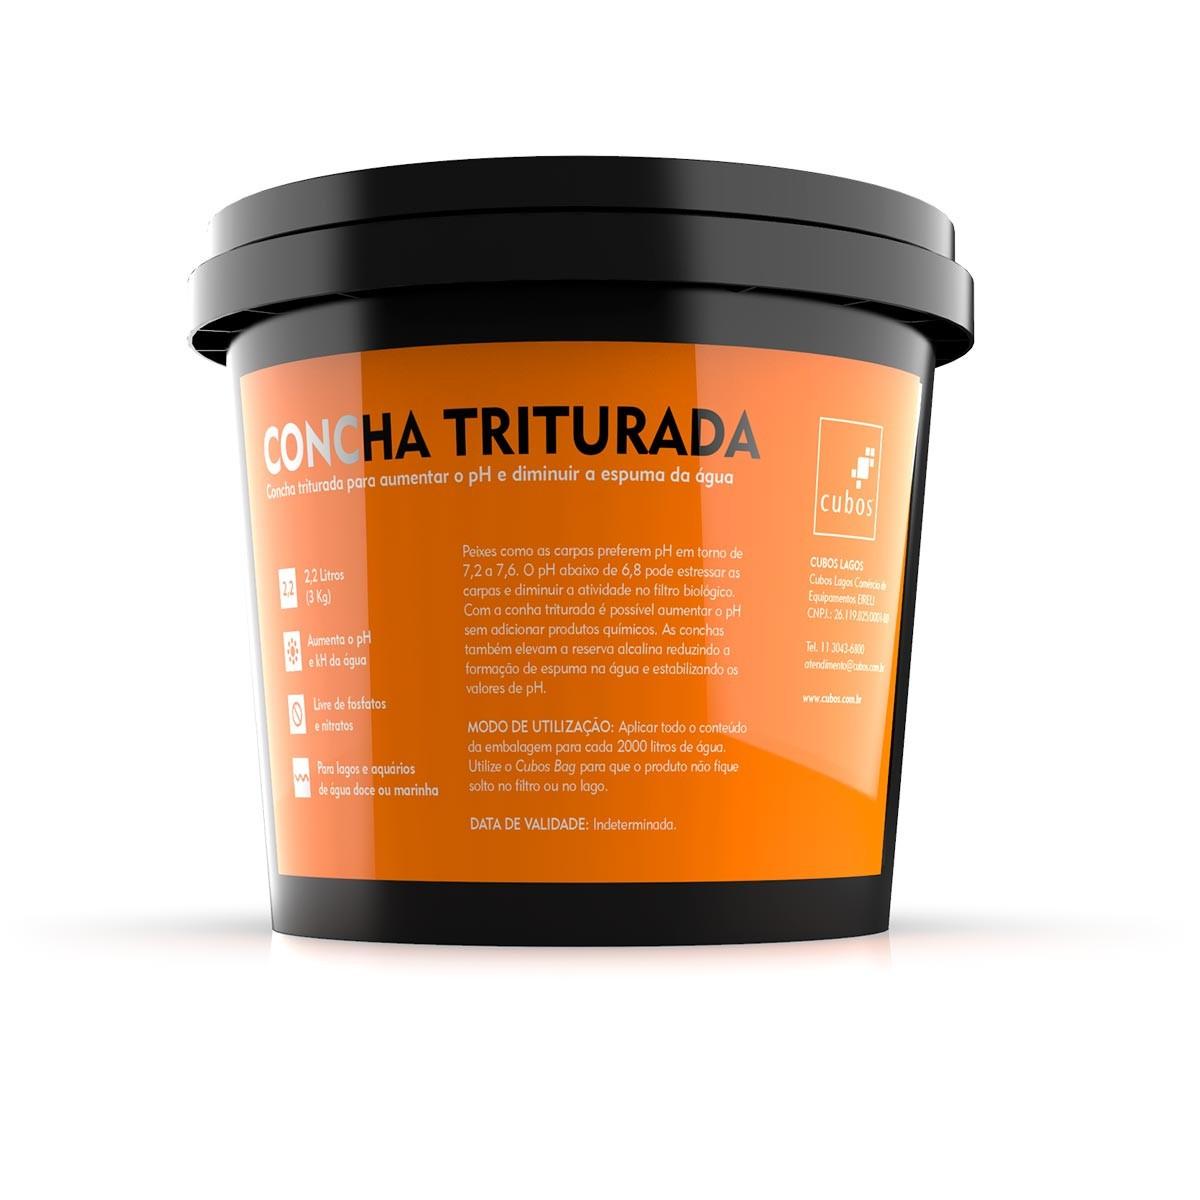 kit Cubos Mídia 4 em 1 - Bioz + Concha Triturada + Carvão ativado + Bioglass 2,2L + Bag Zíper